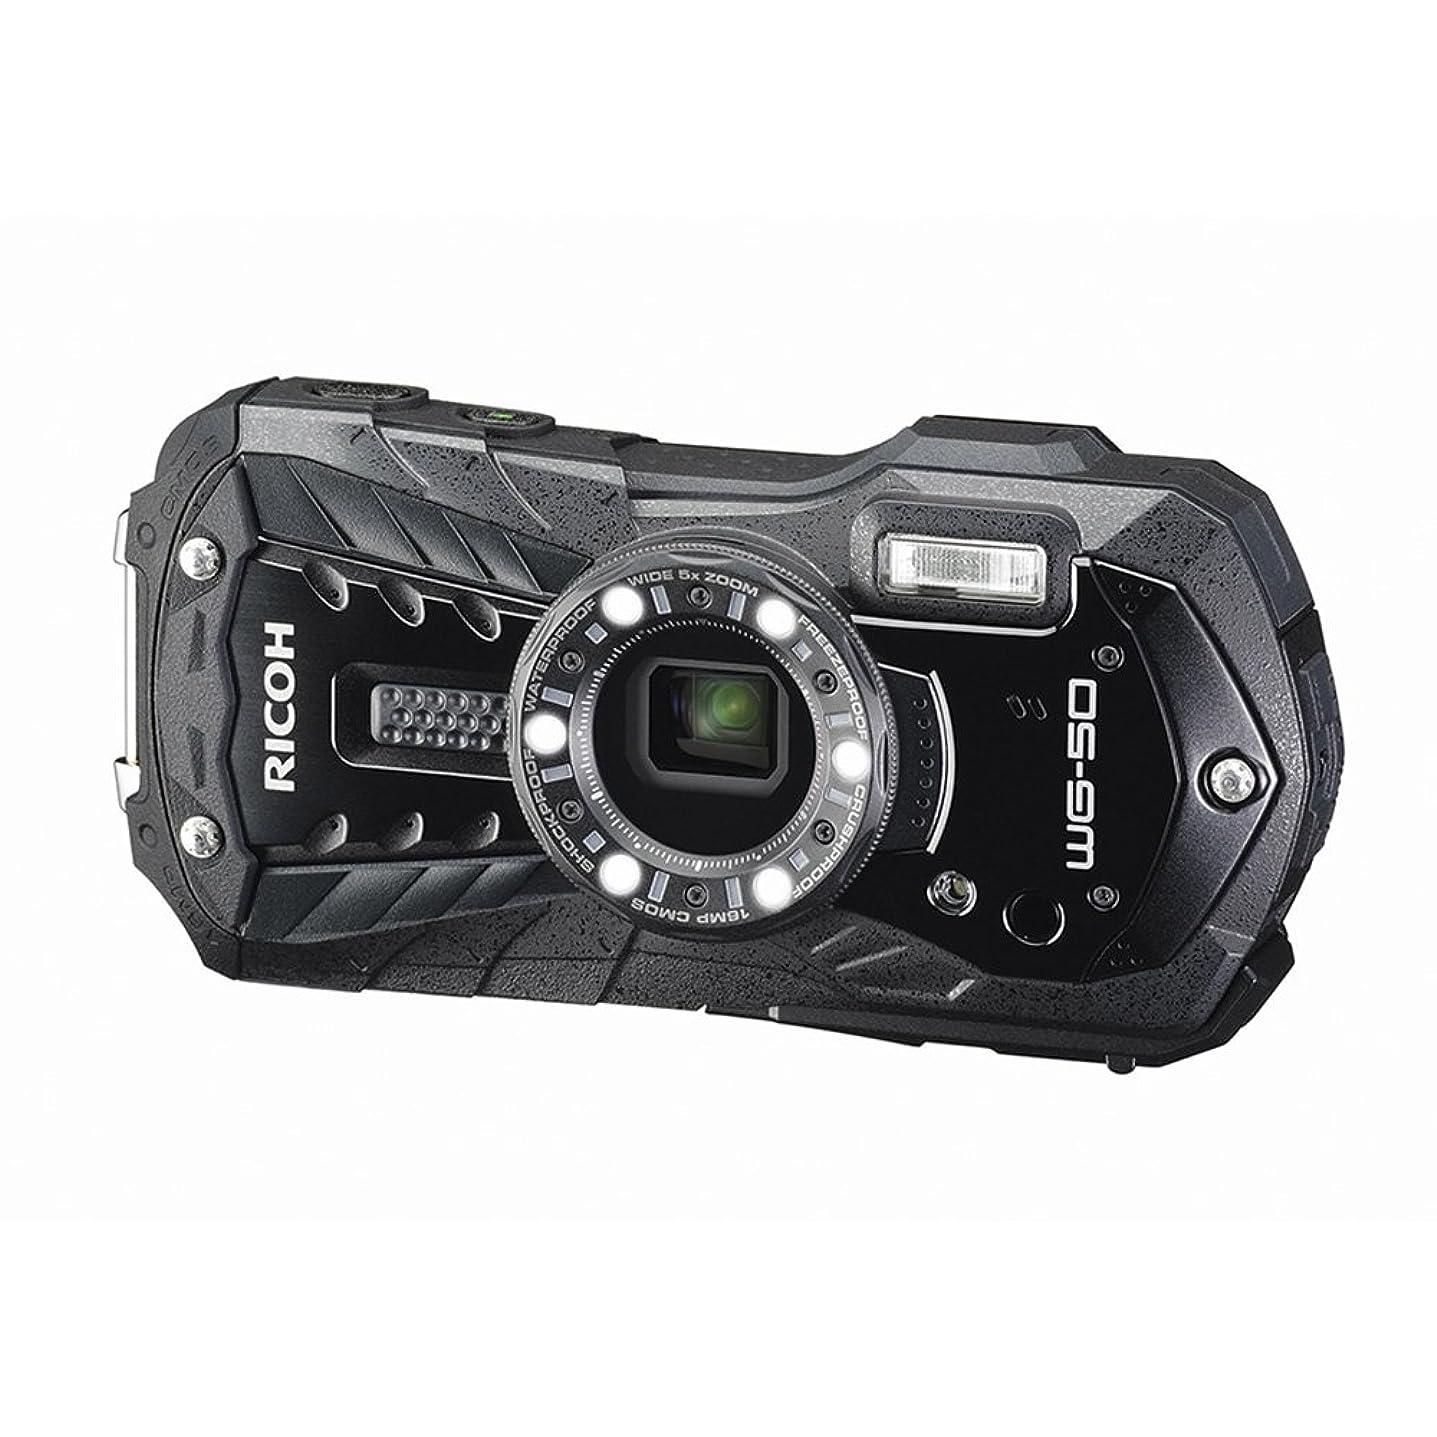 無眉をひそめる乗ってRICOH 防水デジタルカメラ RICOH WG-50 ブラック 防水14m耐ショック1.6m耐寒-10度 RICOH WG-50 BK 04571